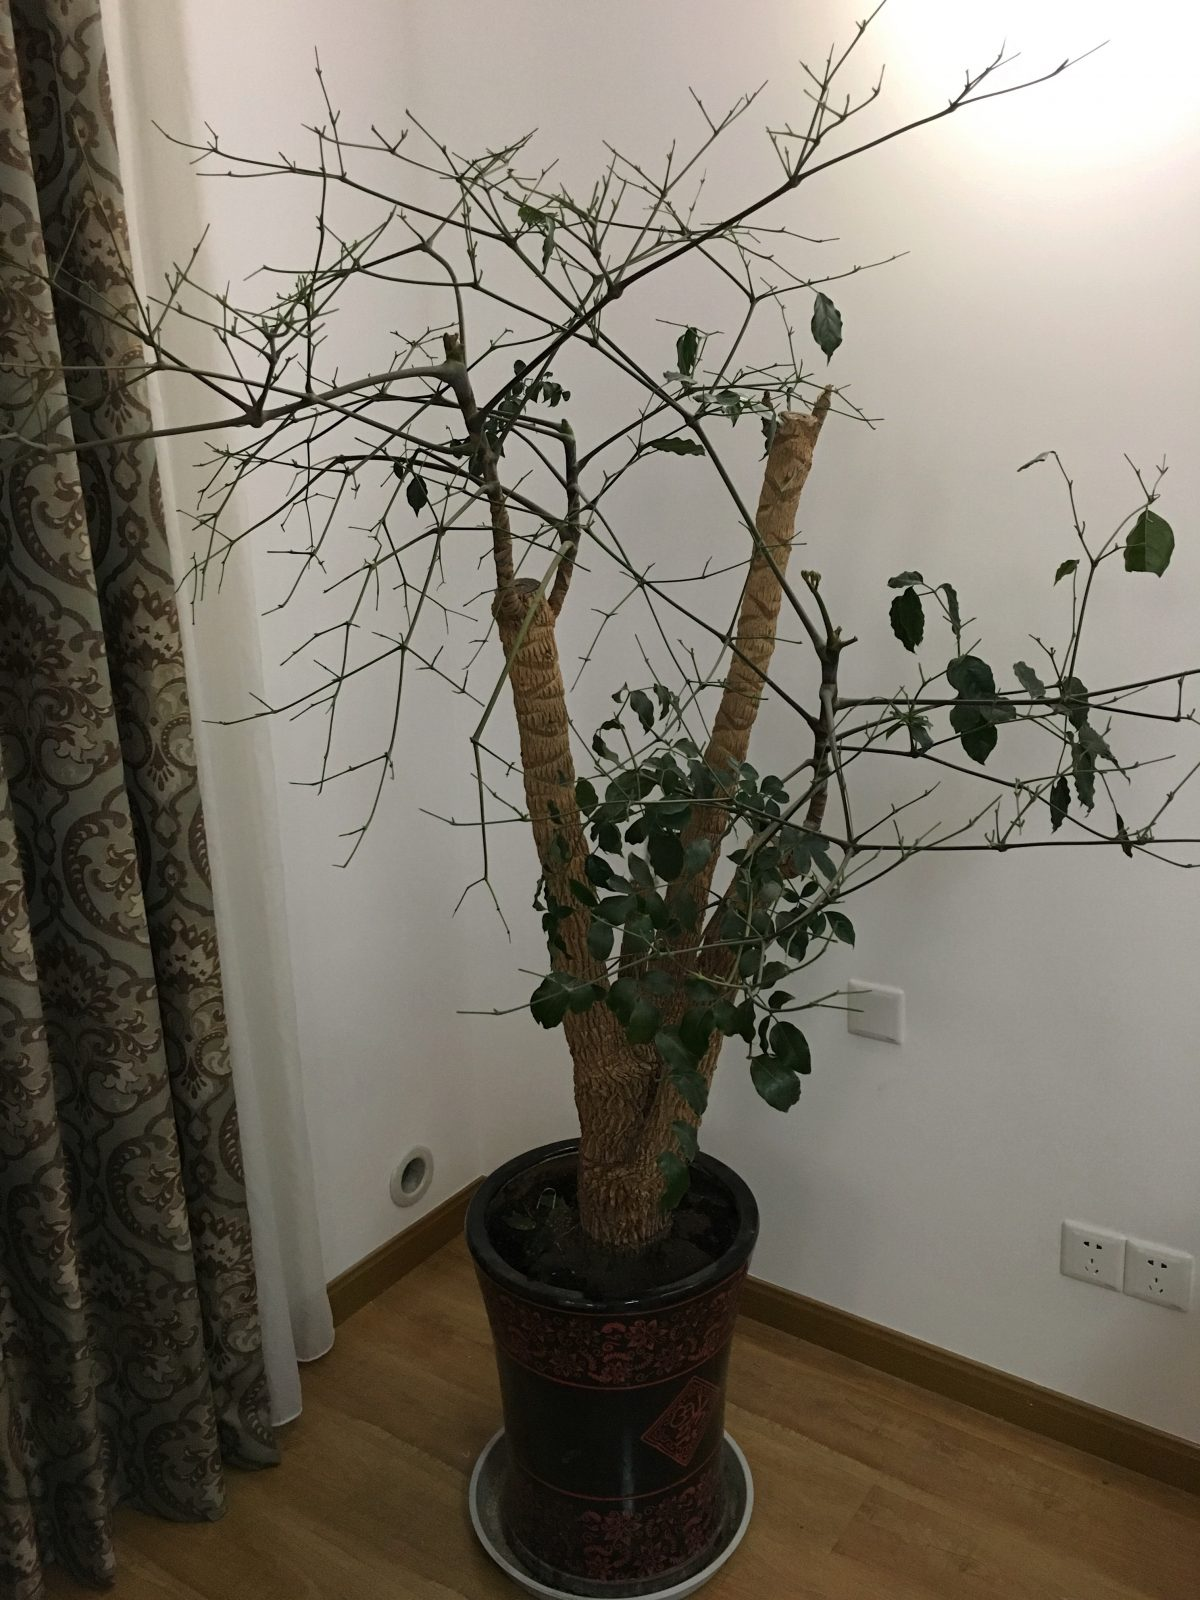 幸福树·菜豆树叶子掉光